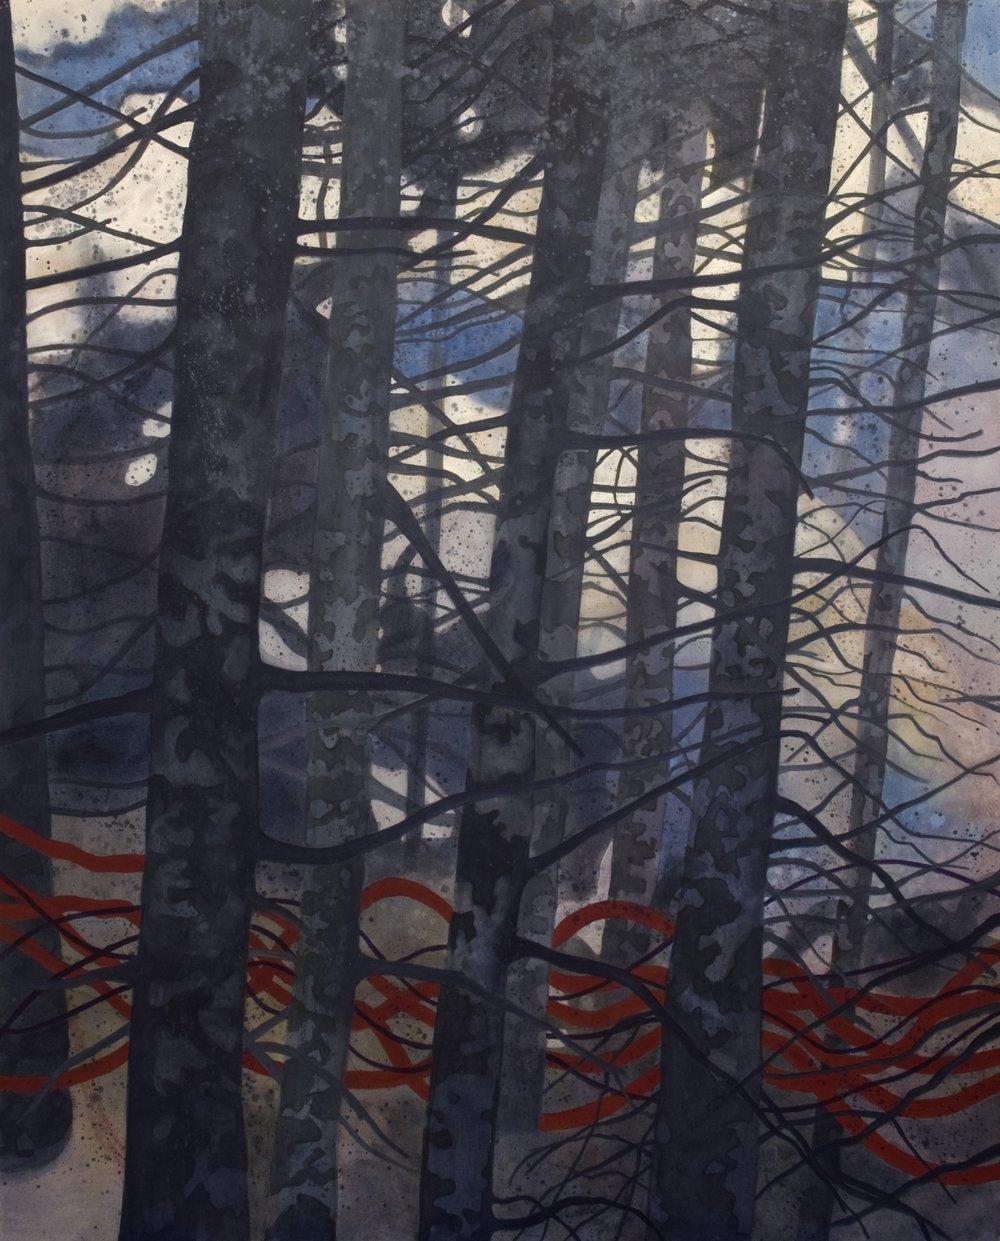 Sentiers migratoires , acrylique sur toile, 152 x 122 cm